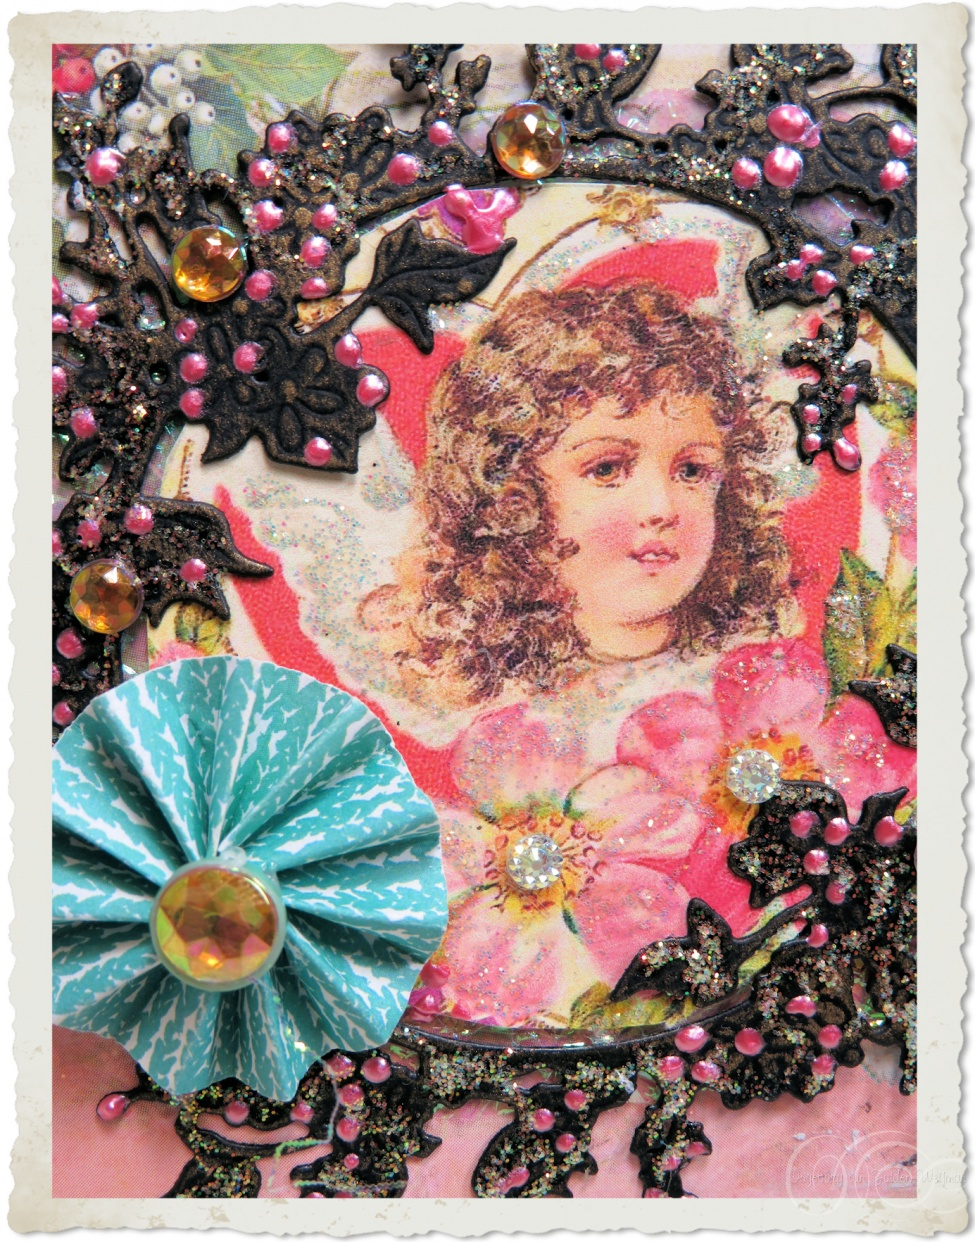 Pink vintage Christmas art by Ingeborg van Zuiden